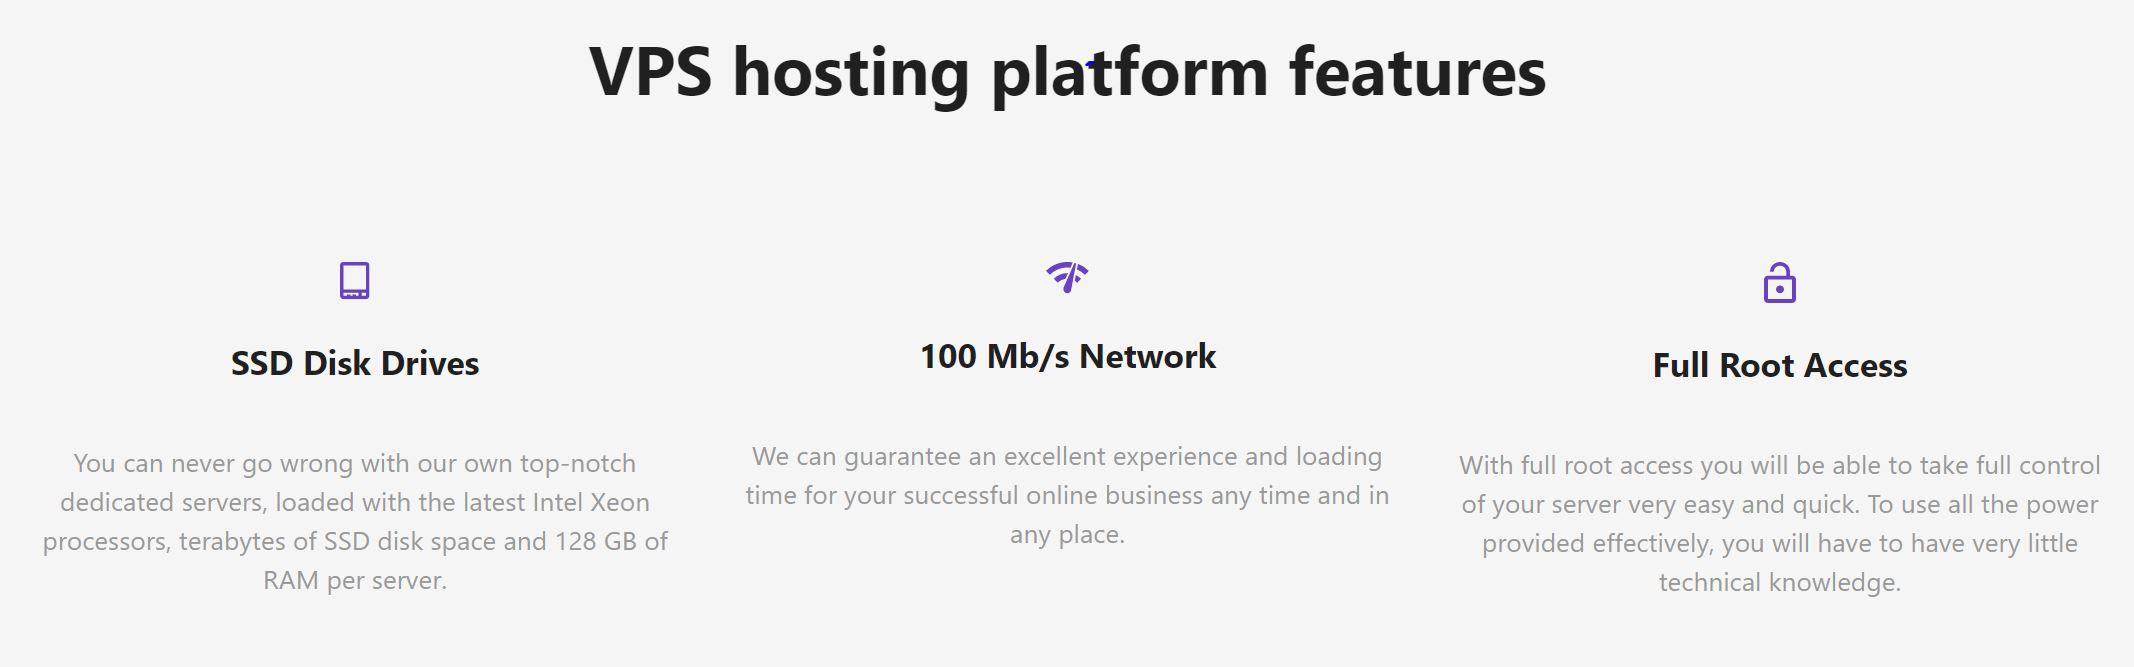 Un hosting VPS utiliza un servidor que se divide virtualmente en varios espacios.